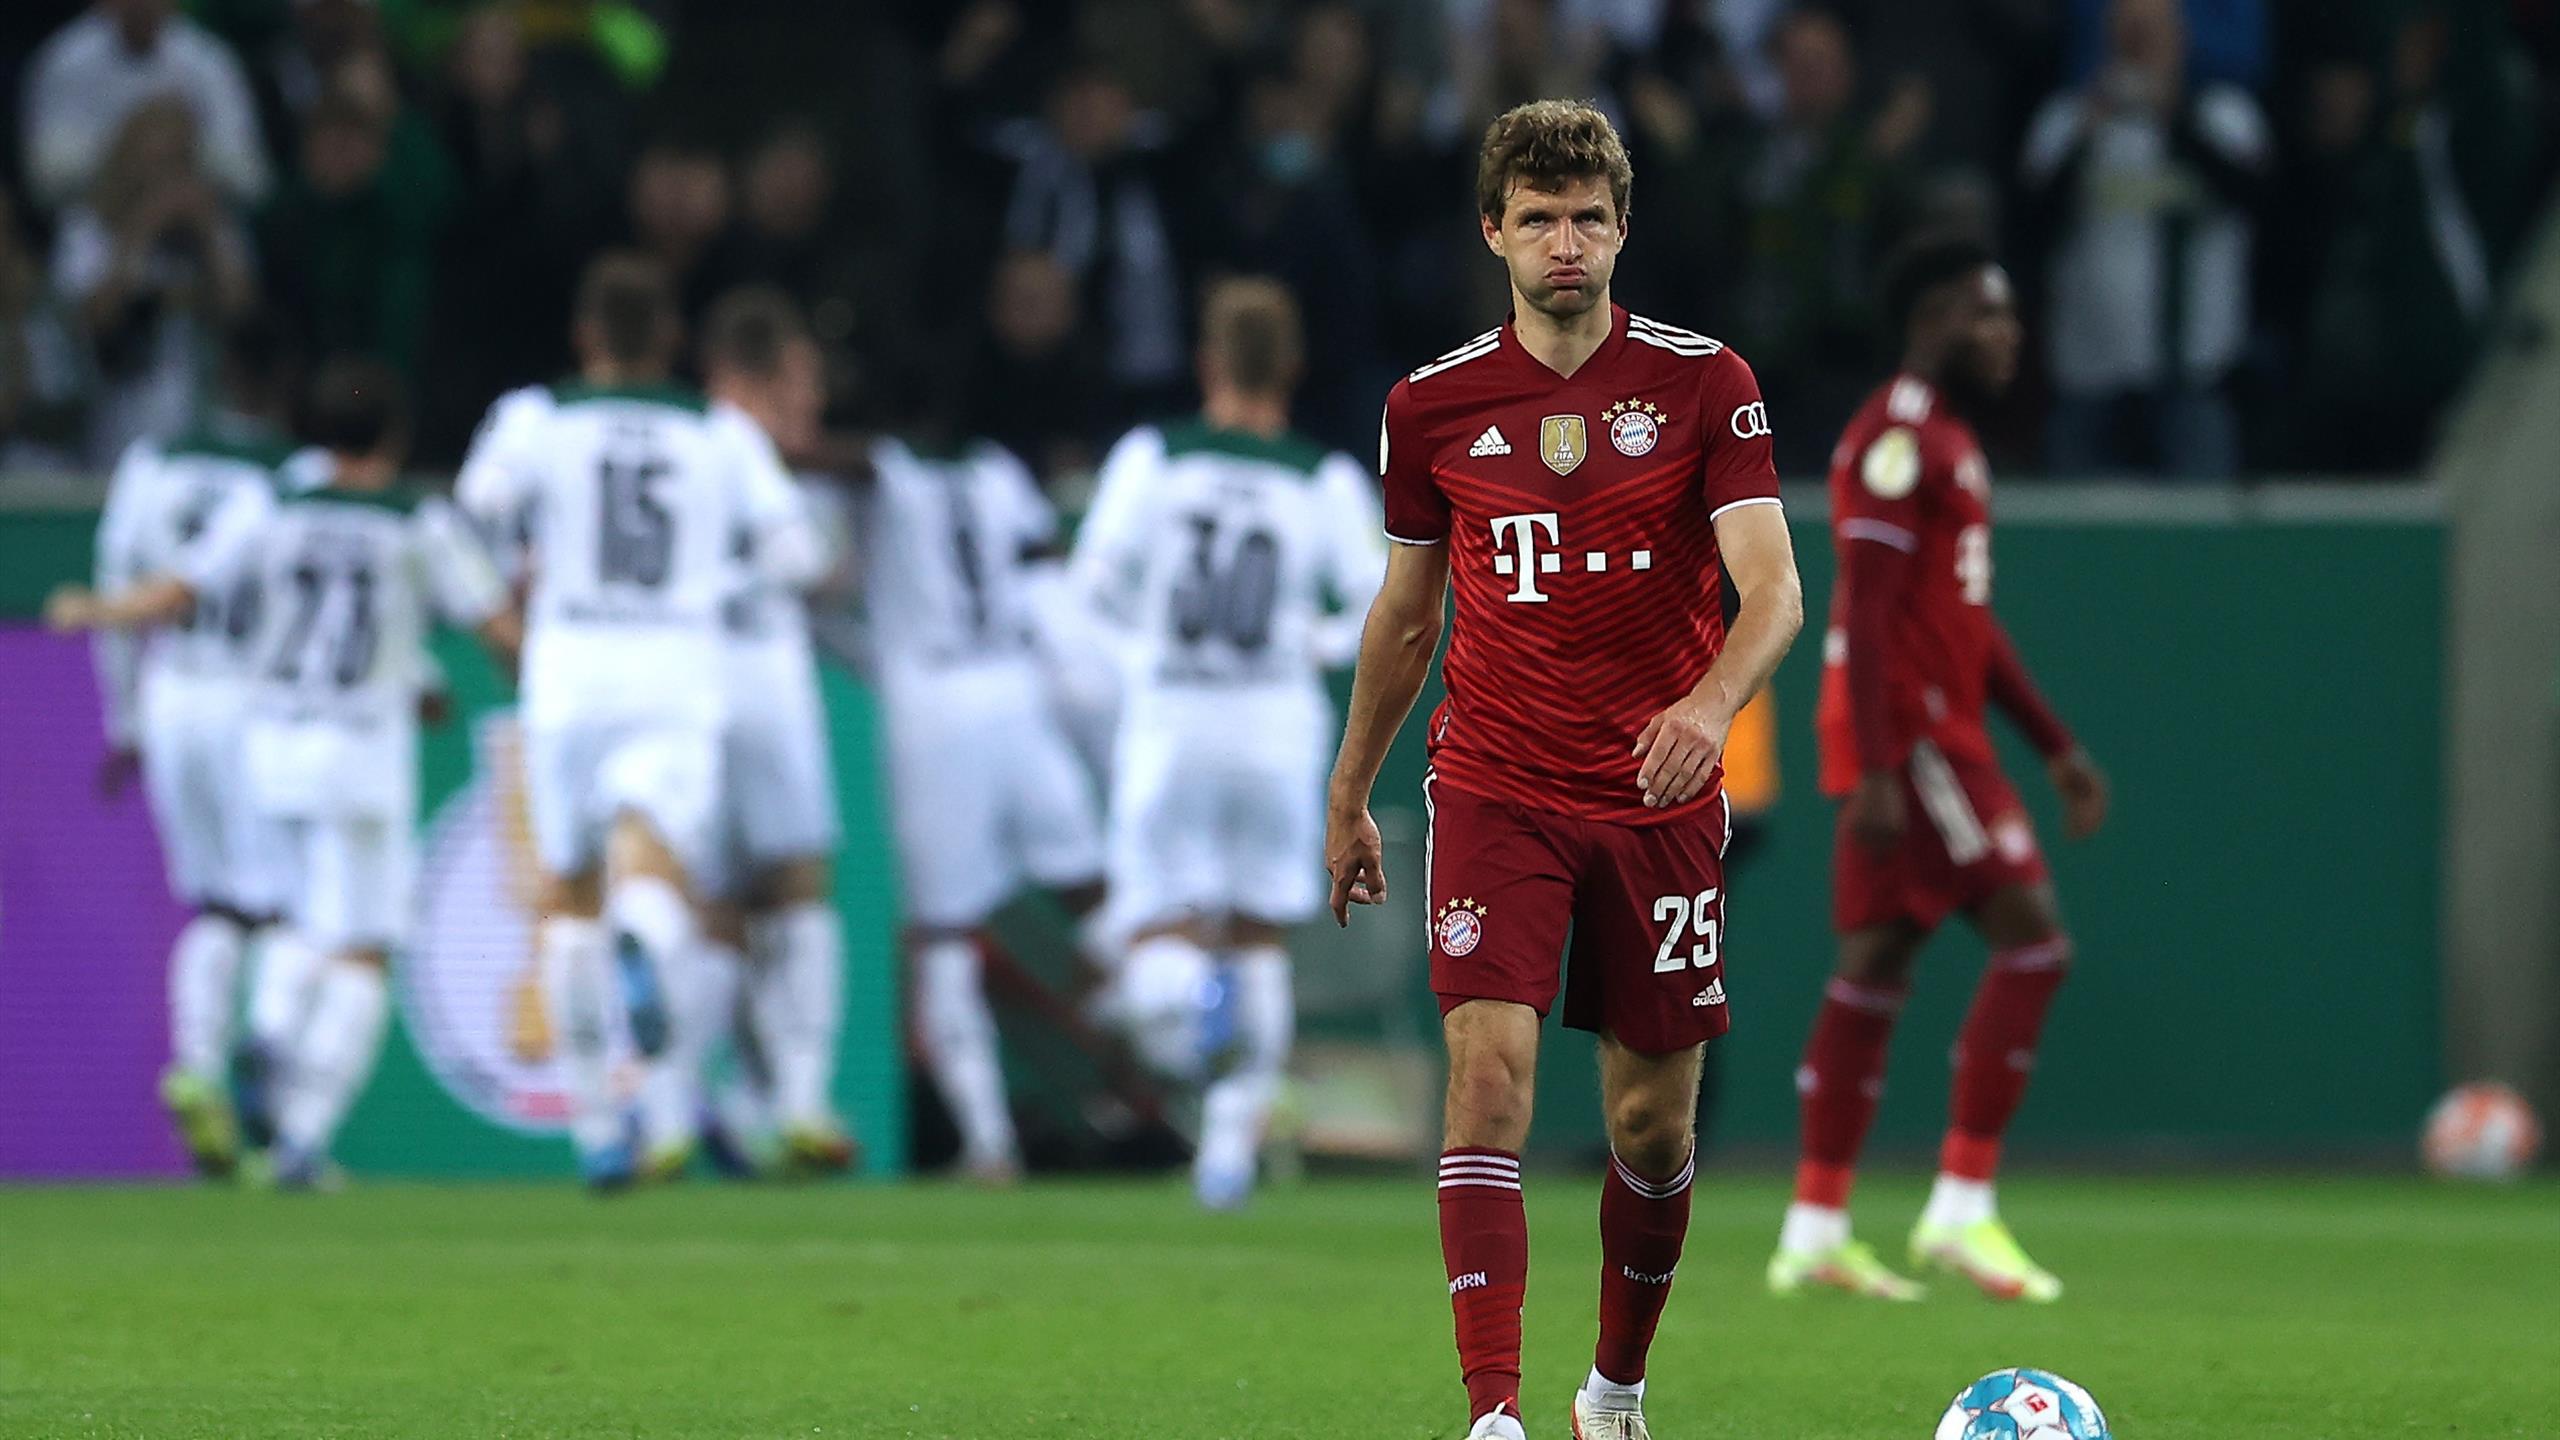 Coupe d'Allemagne : Le Bayern Munich étrillé 5-0 par Mönchengladbach, une première depuis plus de 40 ans